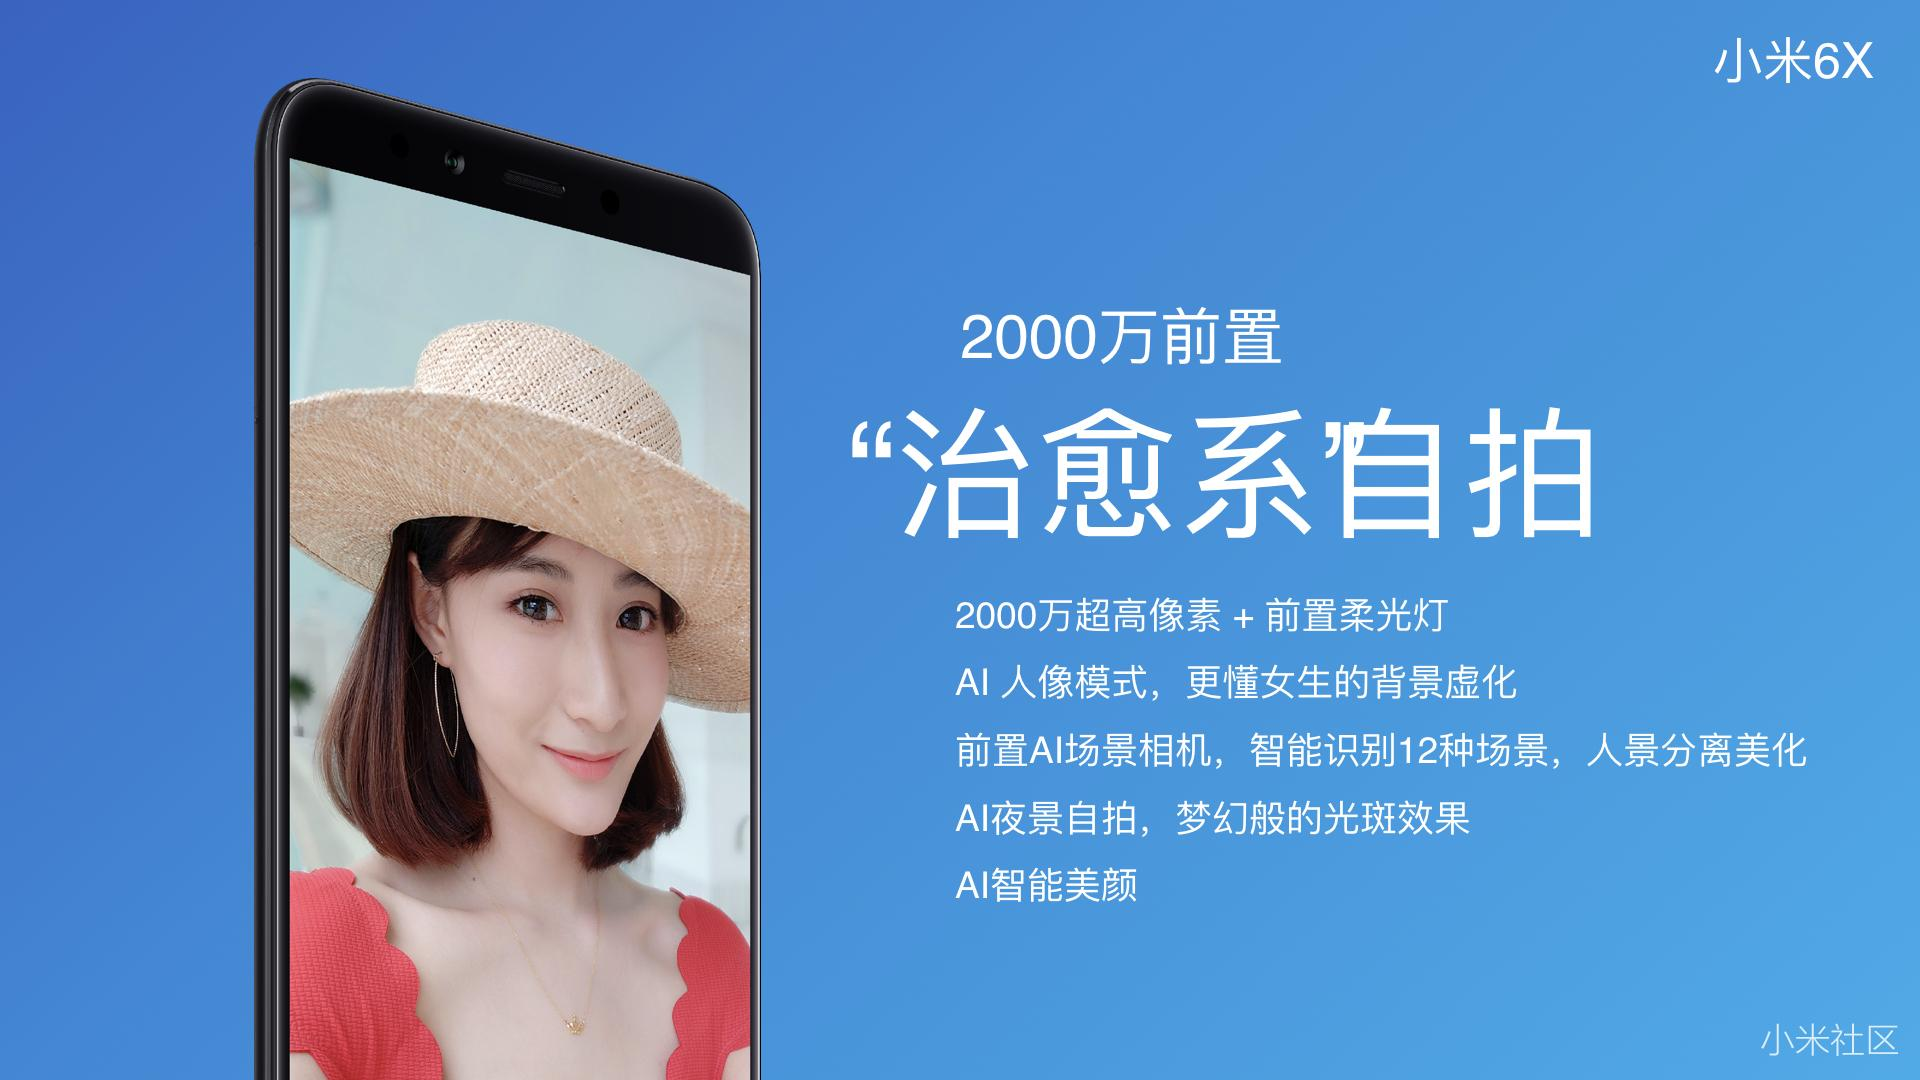 Xiaomi Mi 6X Selfie Camera